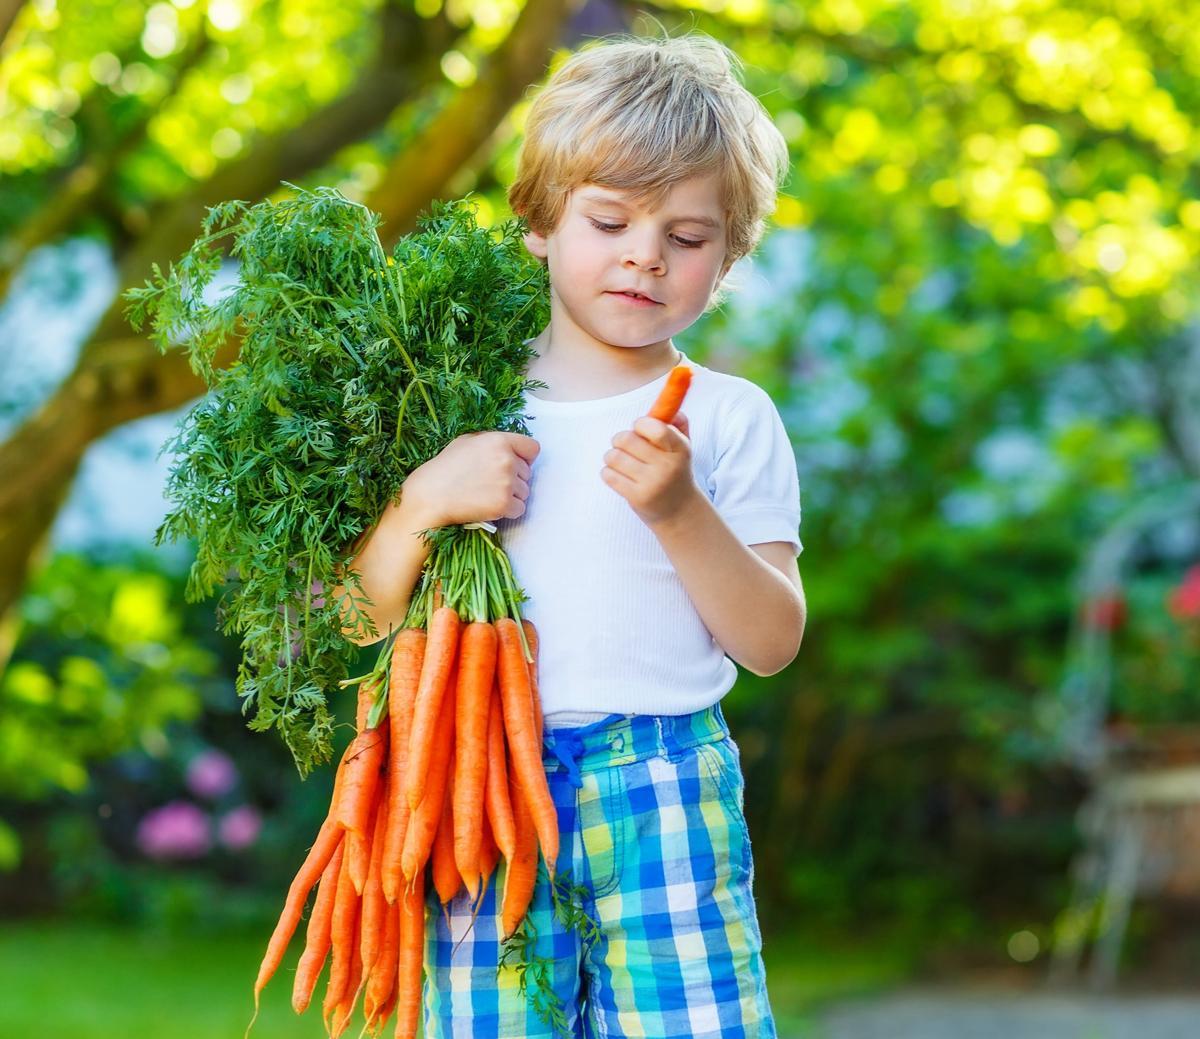 Glucose Levels in Children